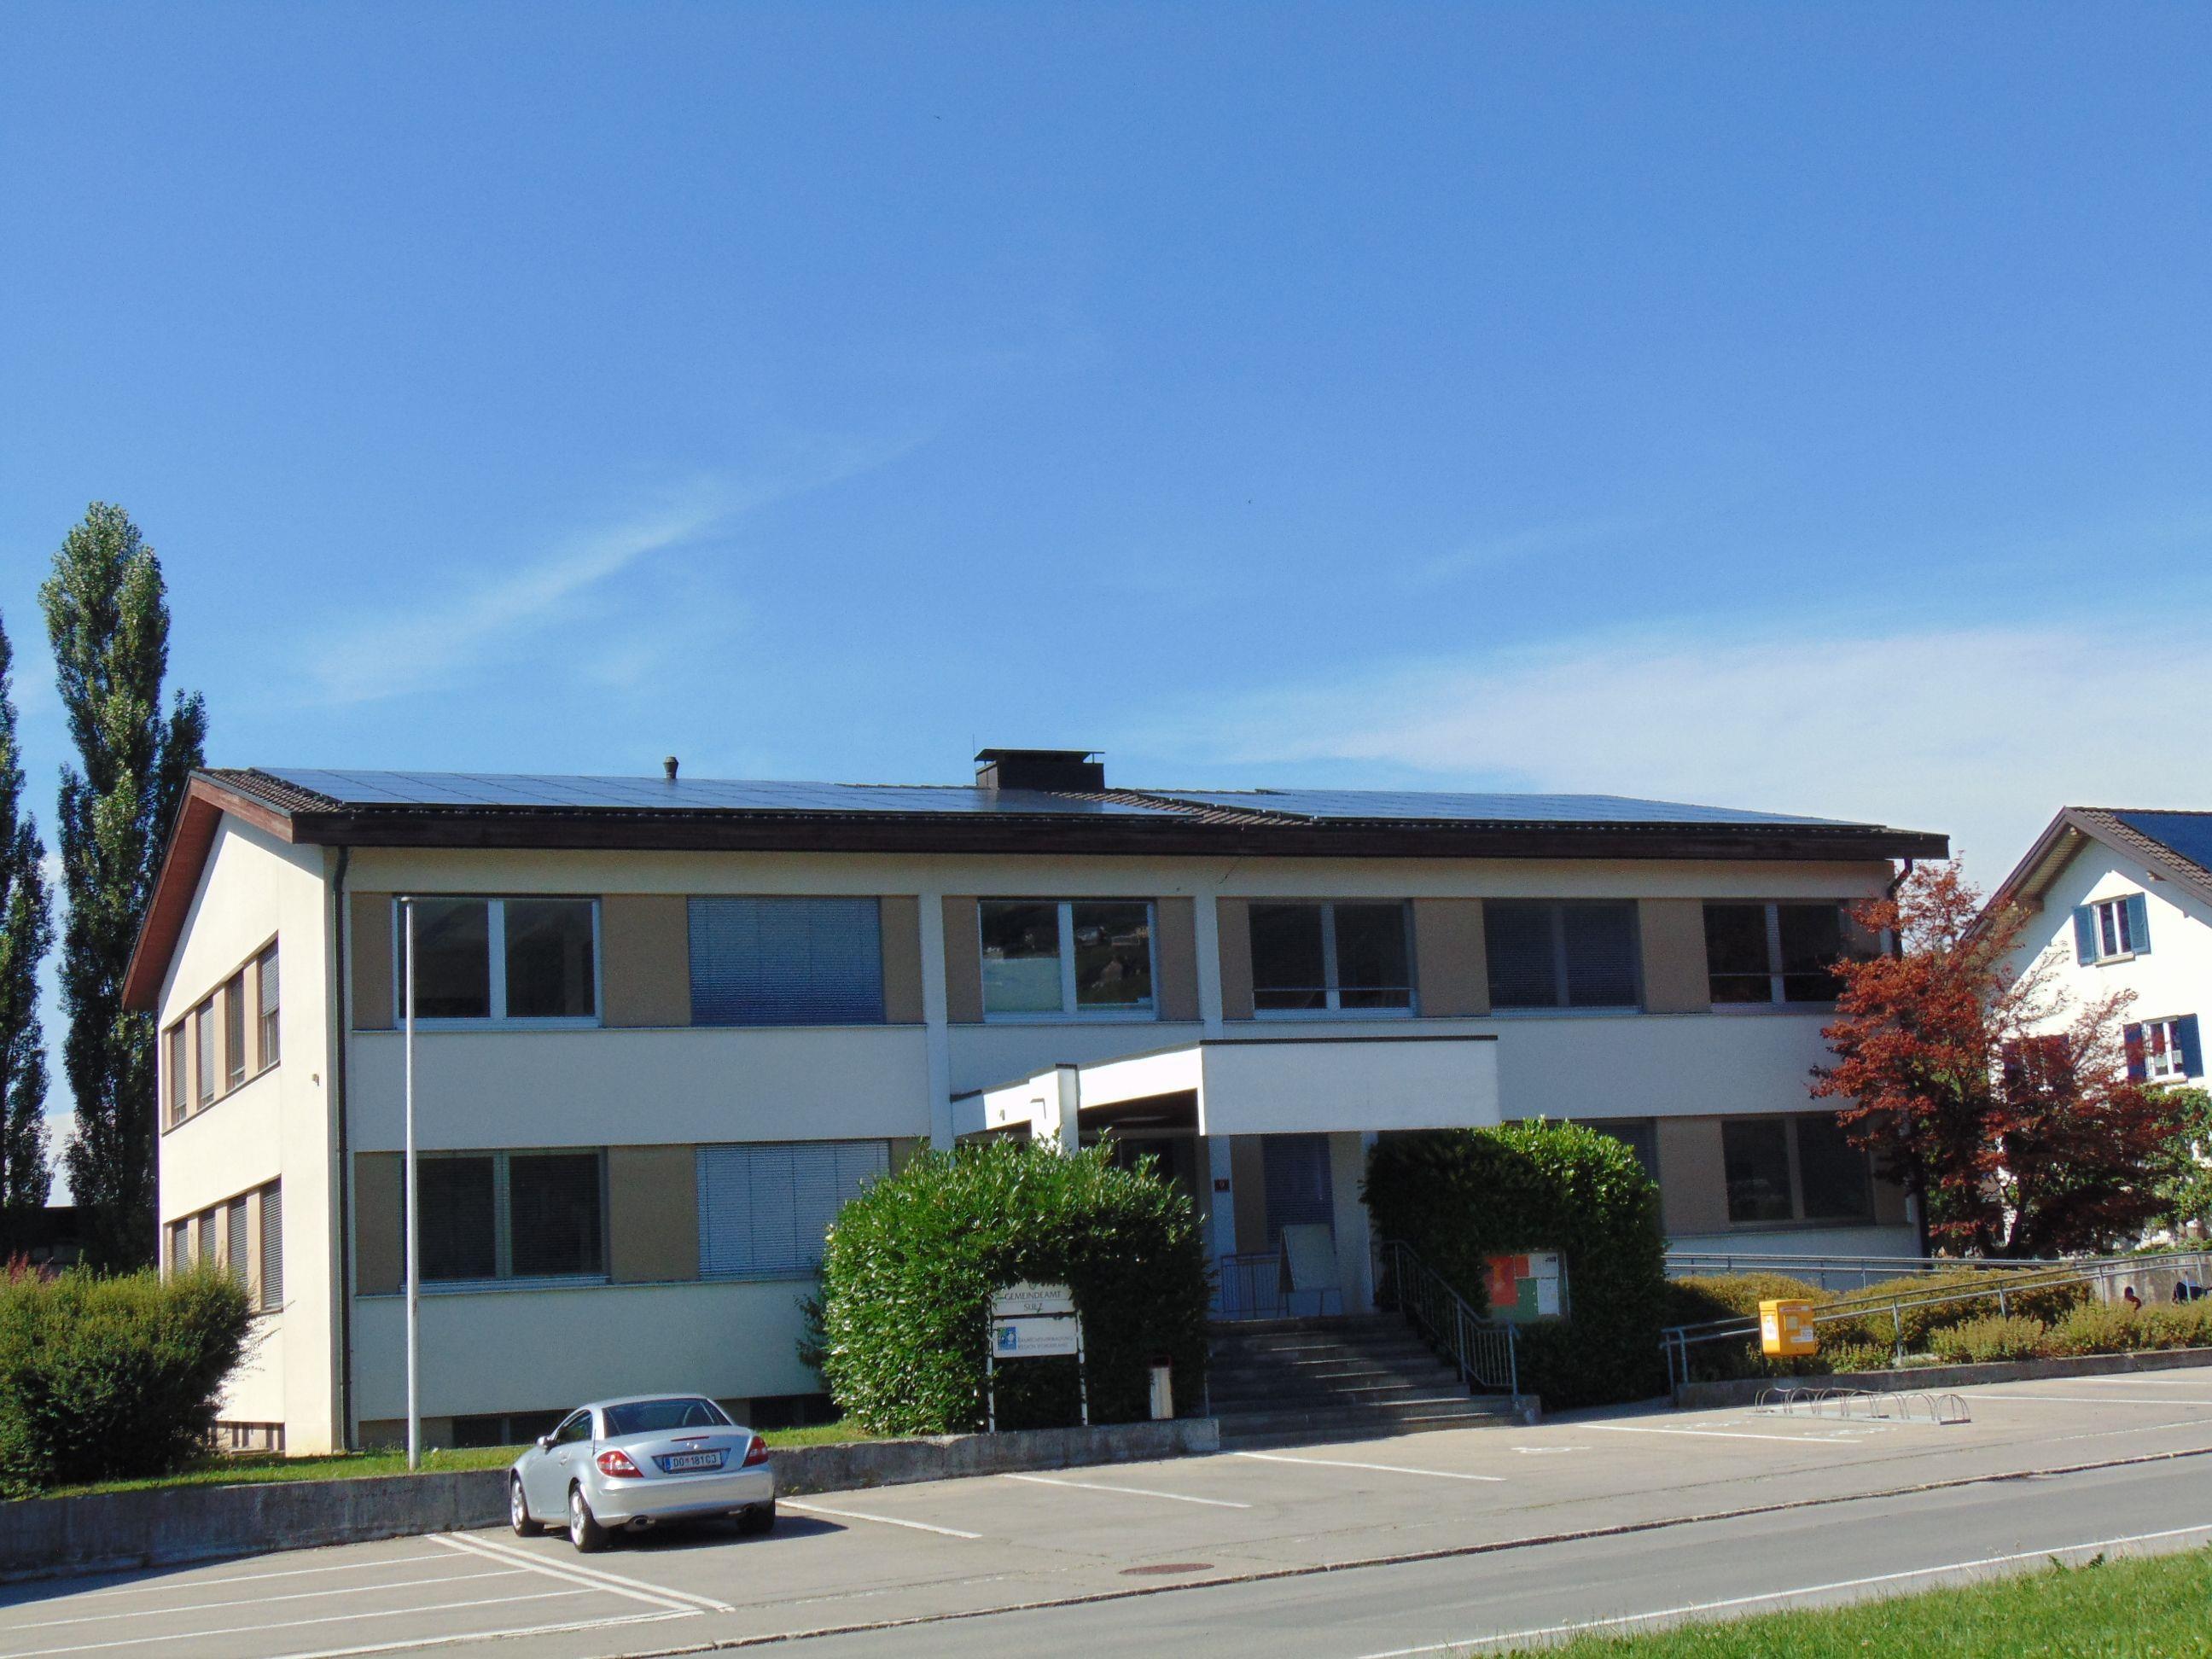 Das Gemeindeamt in Sulz erhielt eine eigene PV Anlage